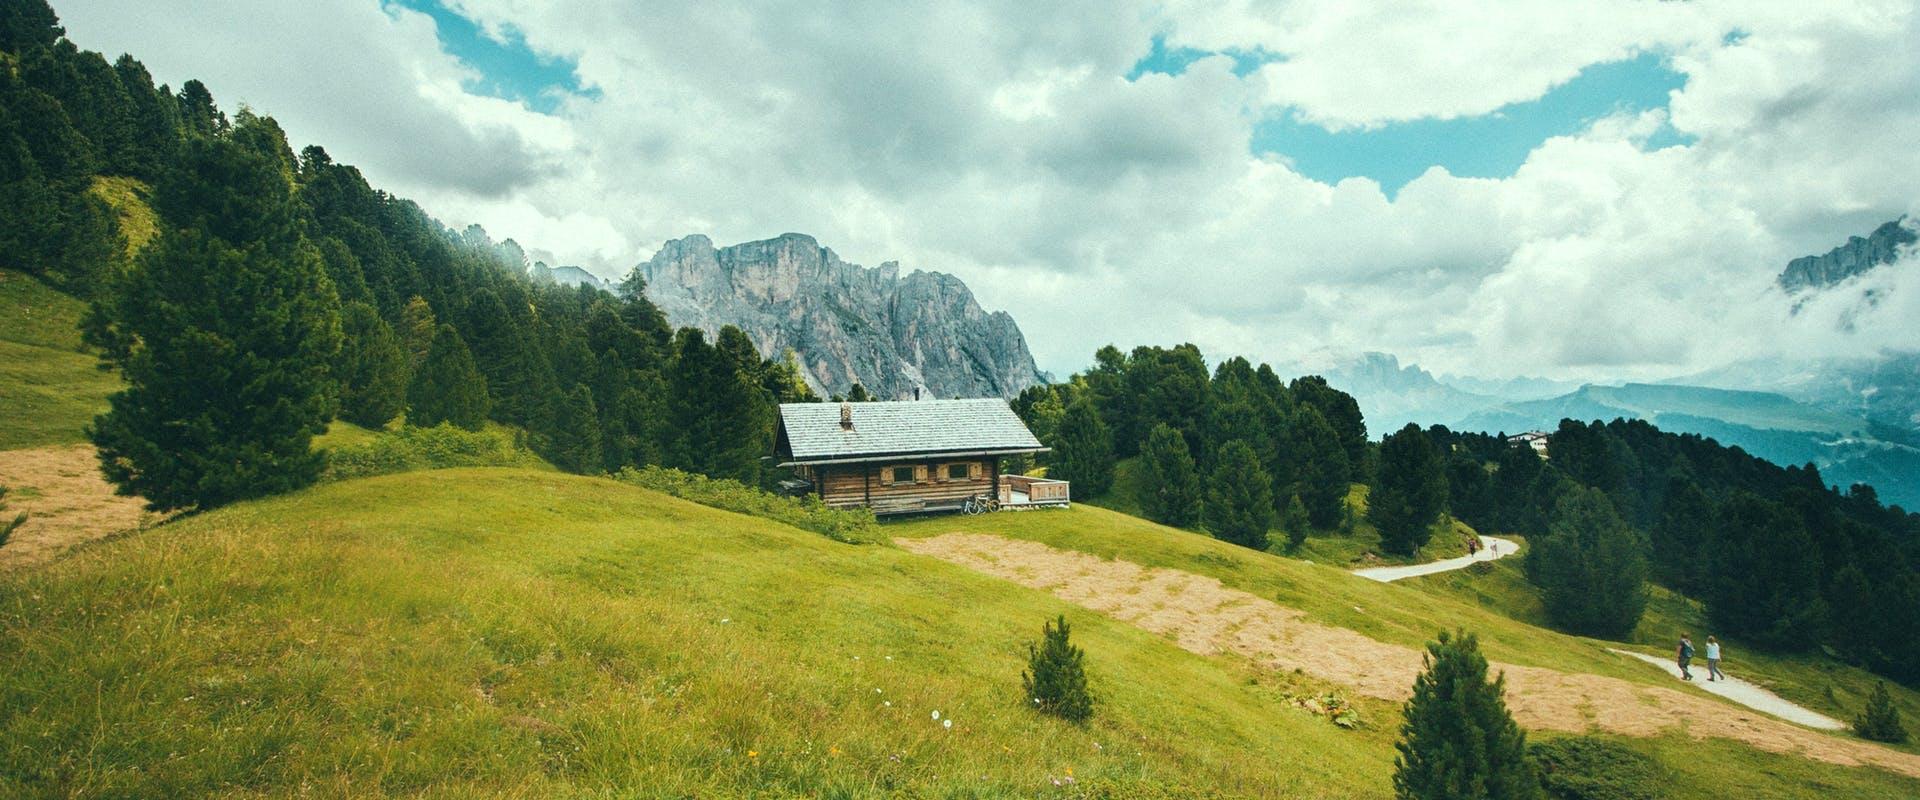 Haus am Hang bauen | Fertighaus.de Ratgeber